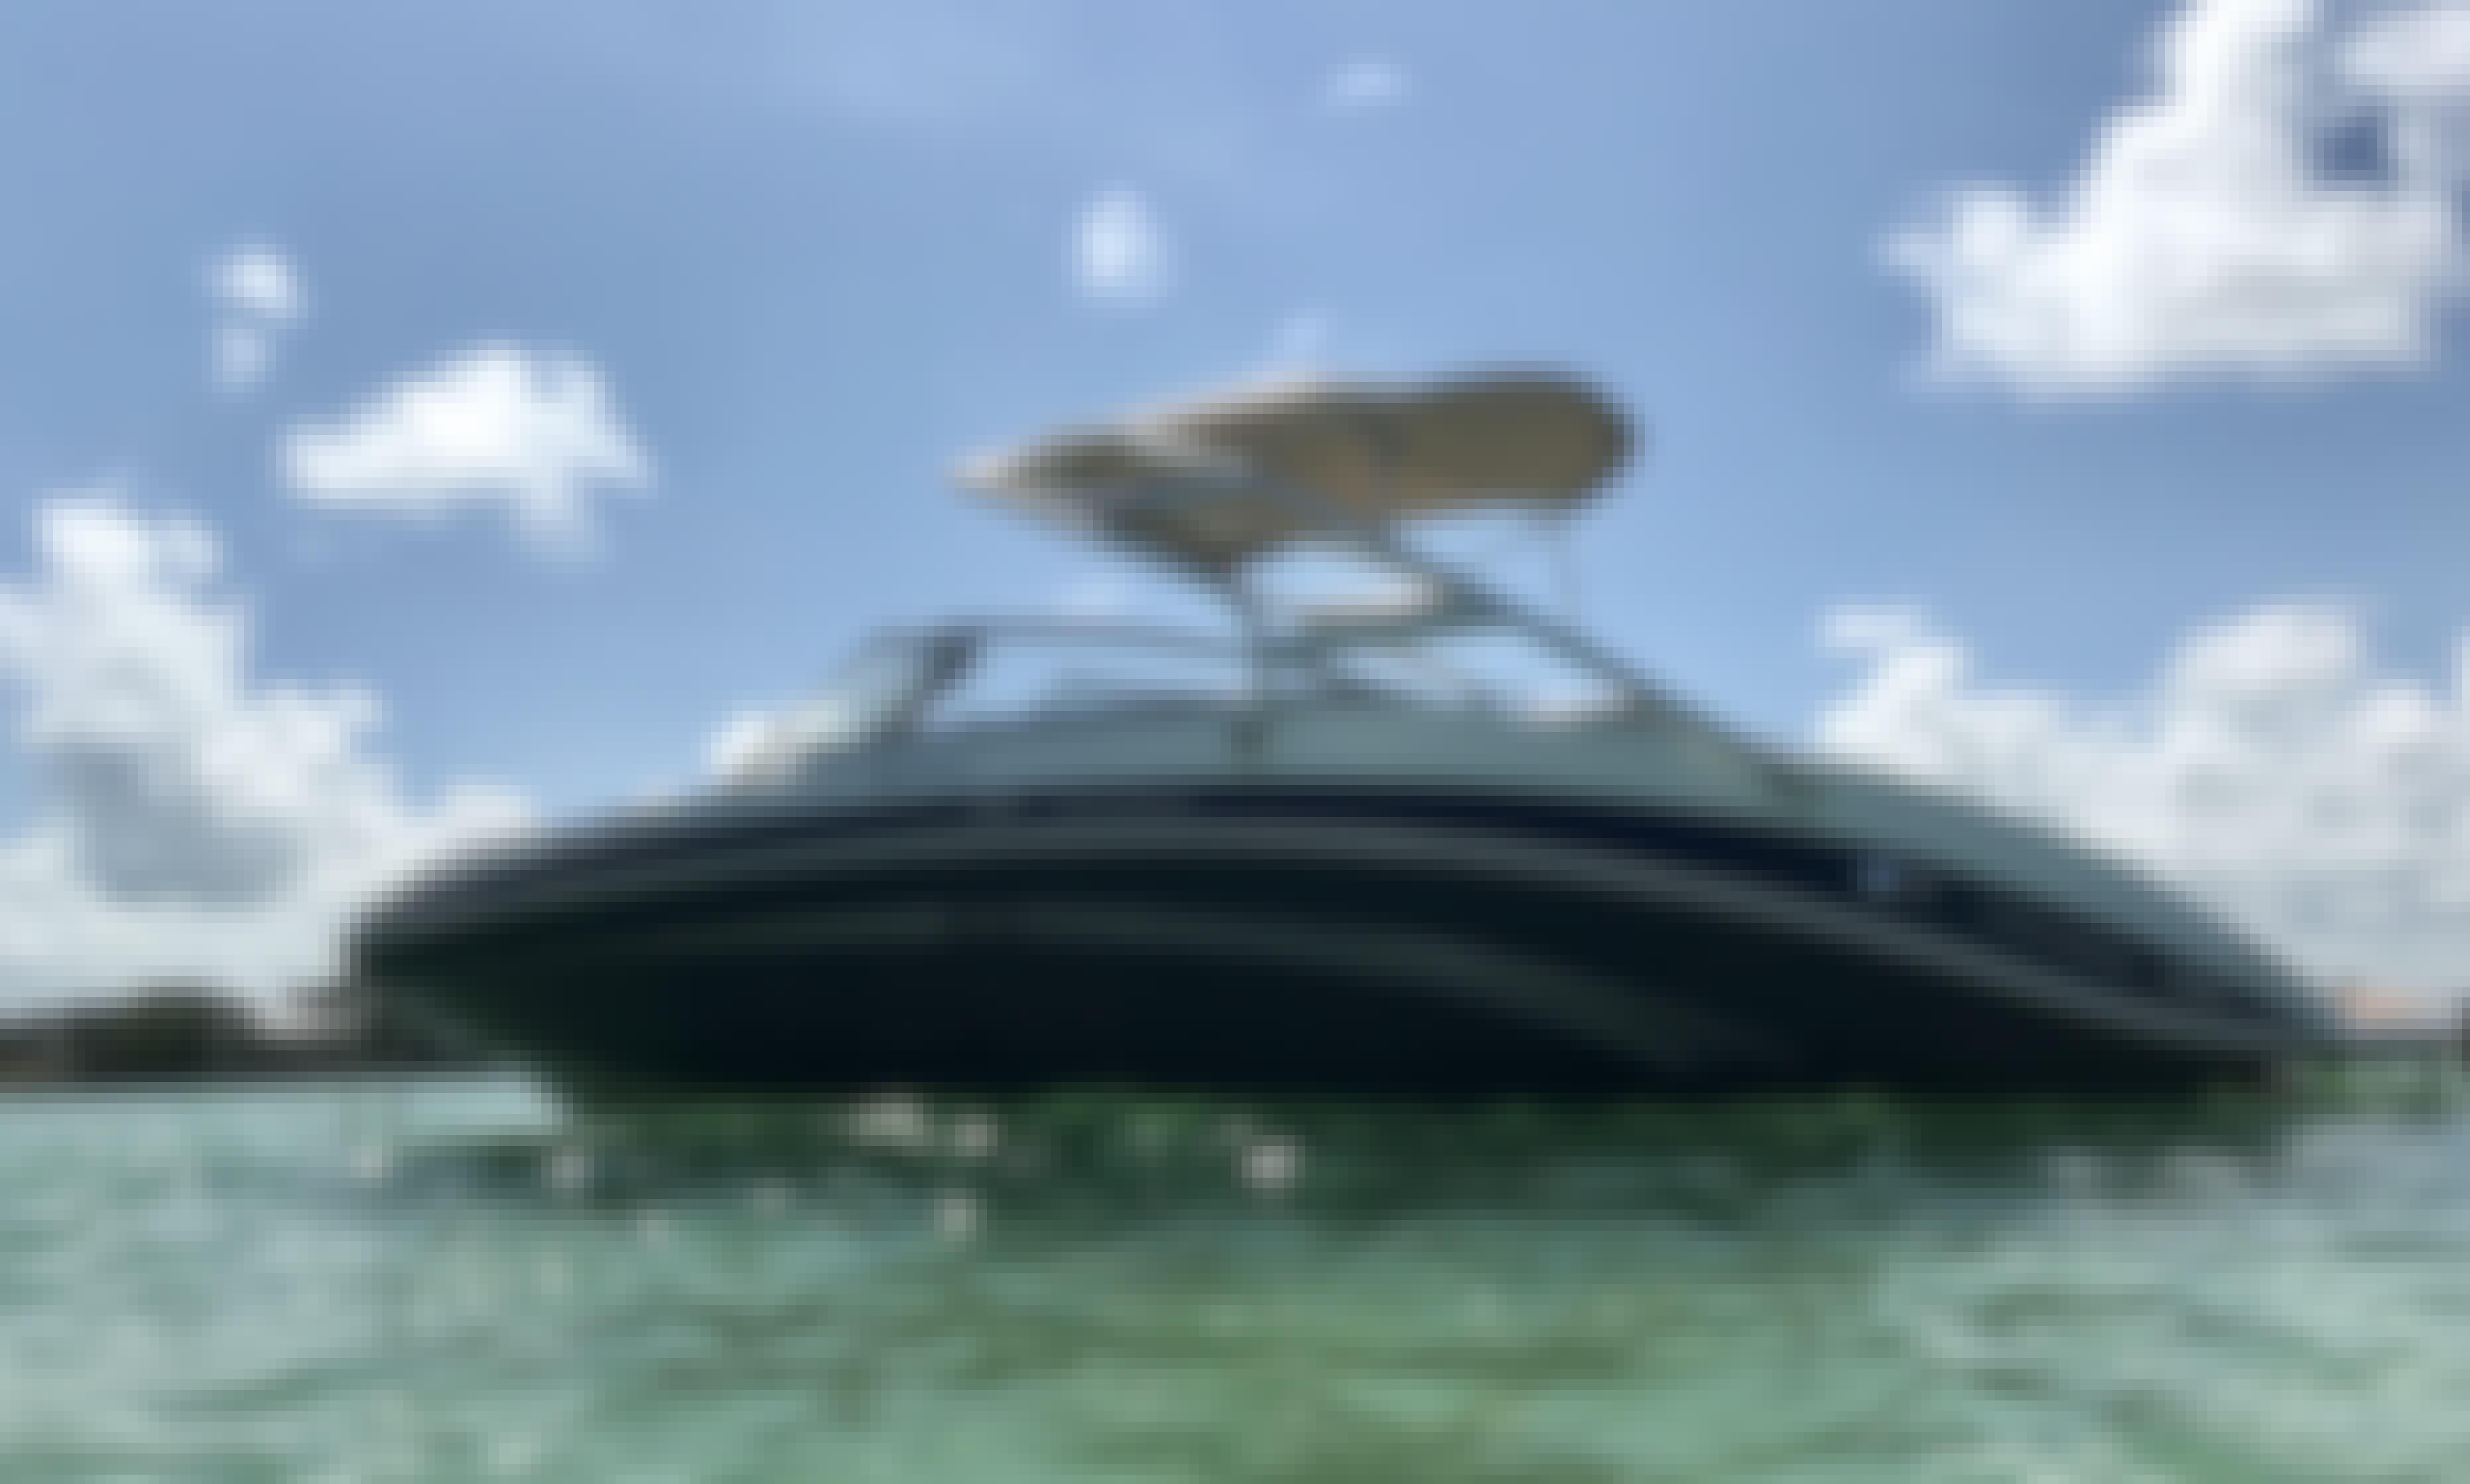 Miami Boat Day 25' Yamaha Jet Boat!